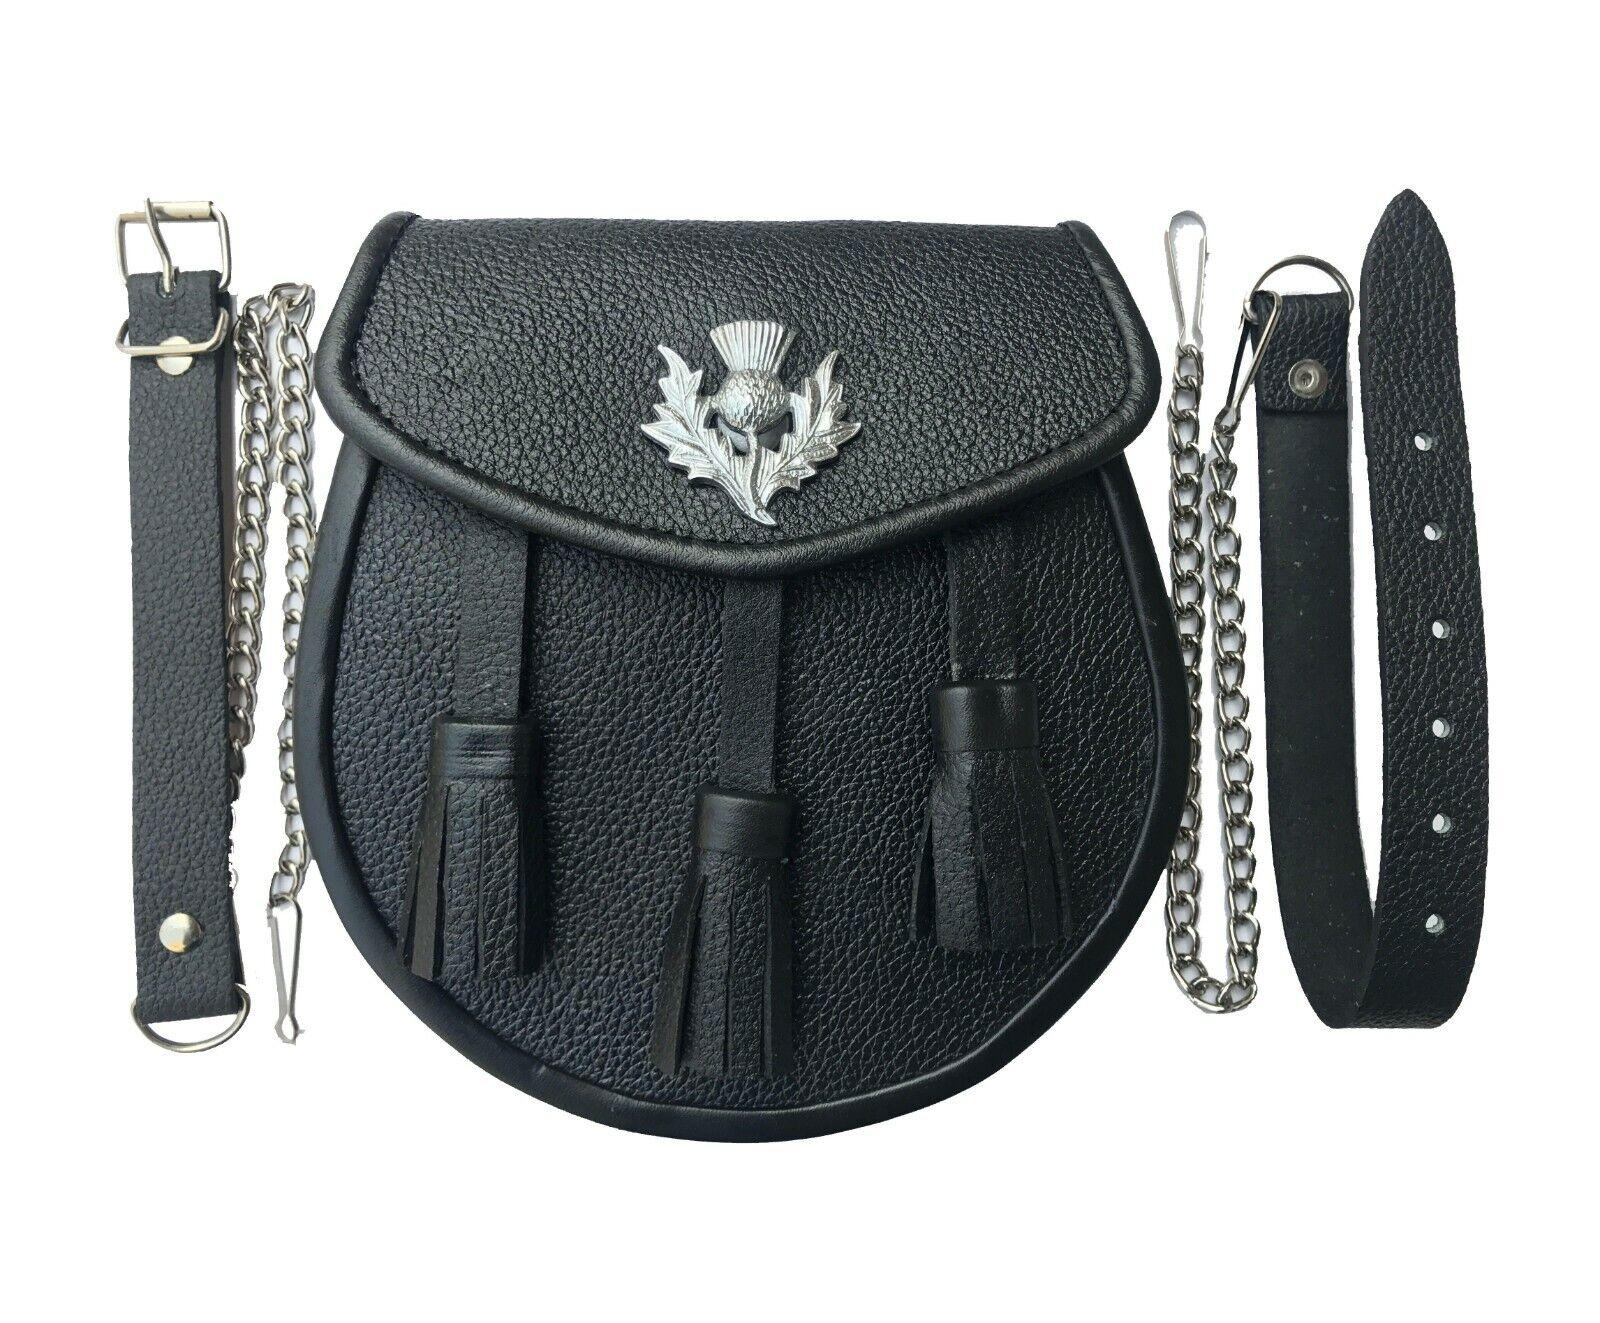 Scottish Kilt Sporran, Real Black Cowhide Leather + Belt Set